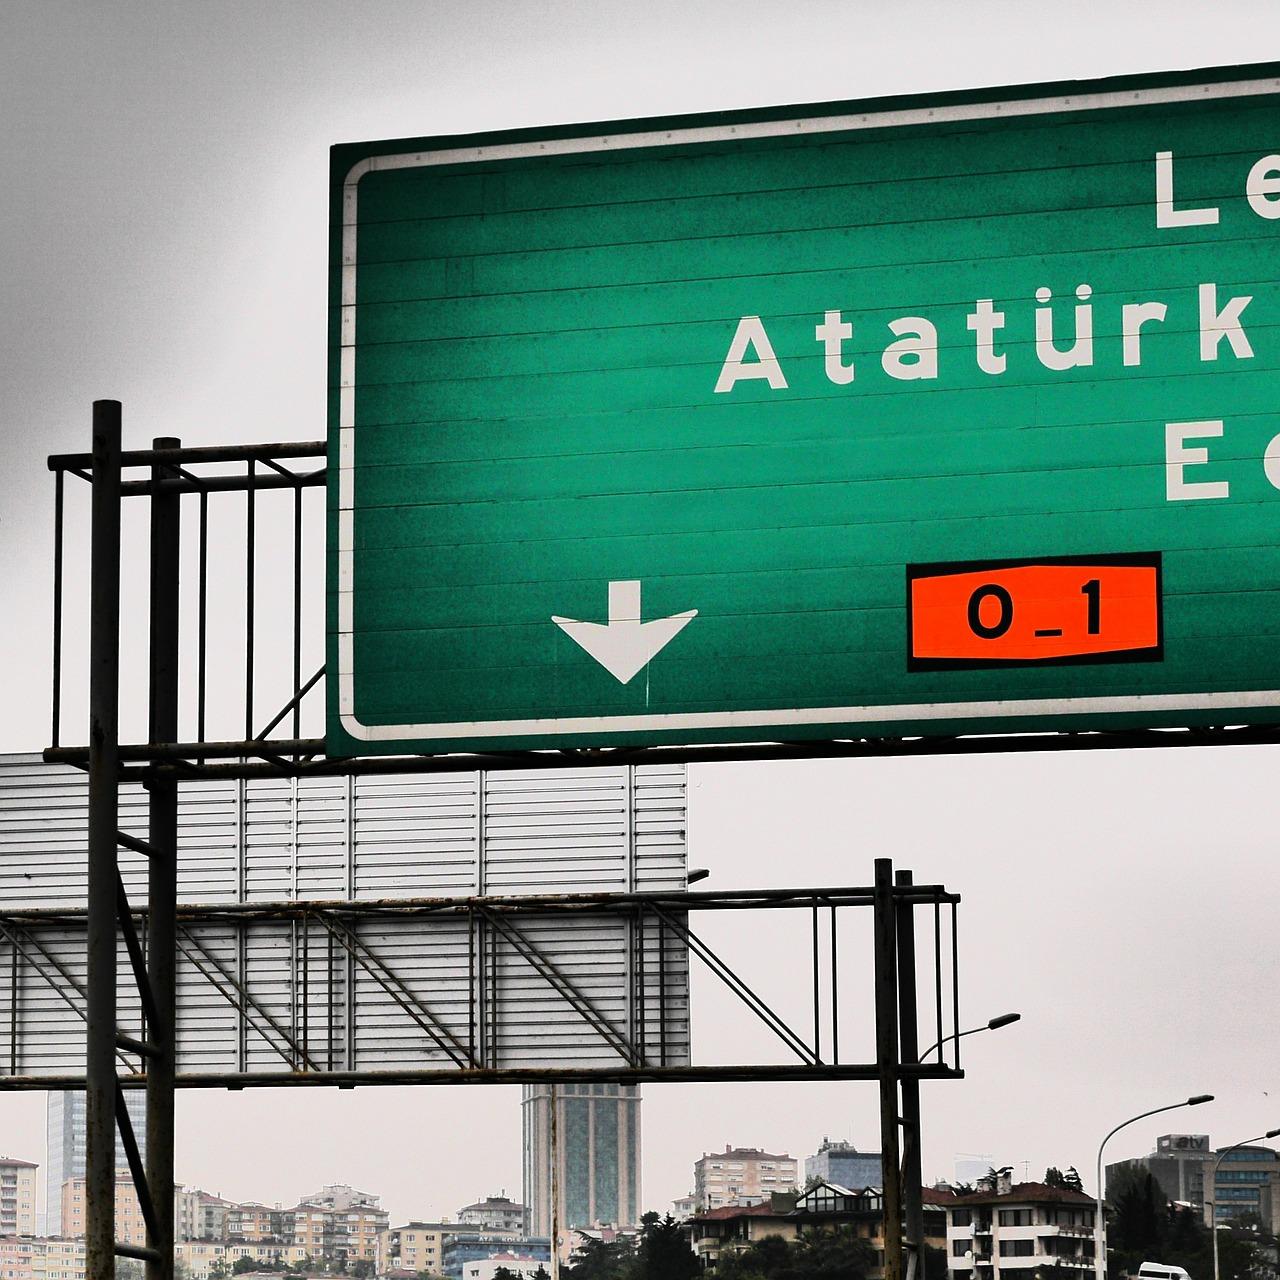 palabras en turco